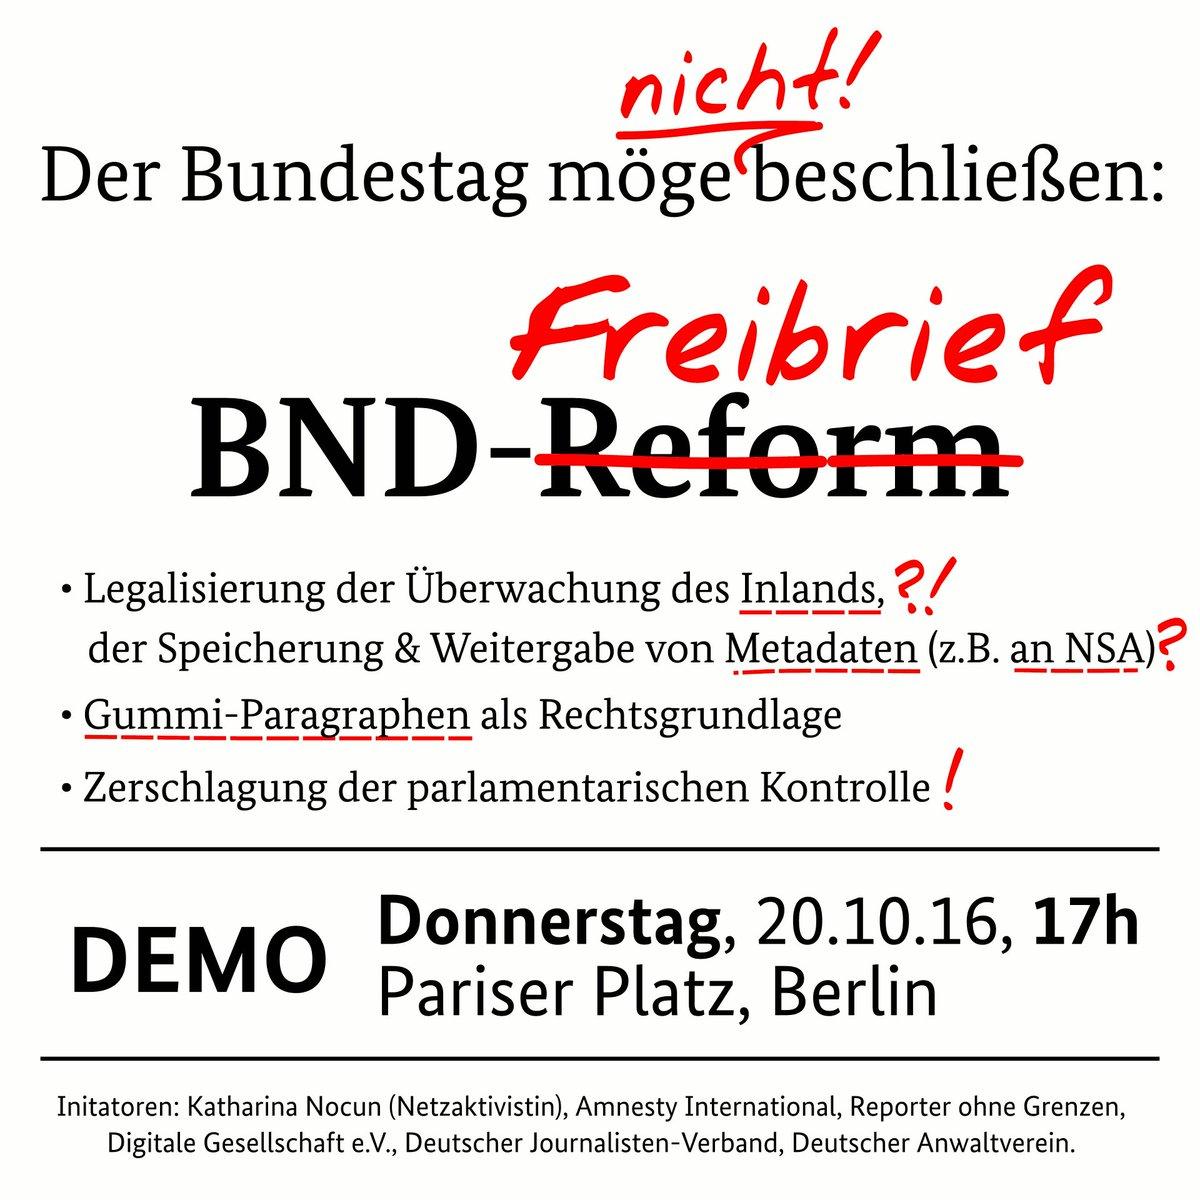 Mitmachen: Bündnis-Protest und Anruf-Aktion gegen die BND-Reform https://t.co/k4G6netXZU https://t.co/LJruIWHdGo